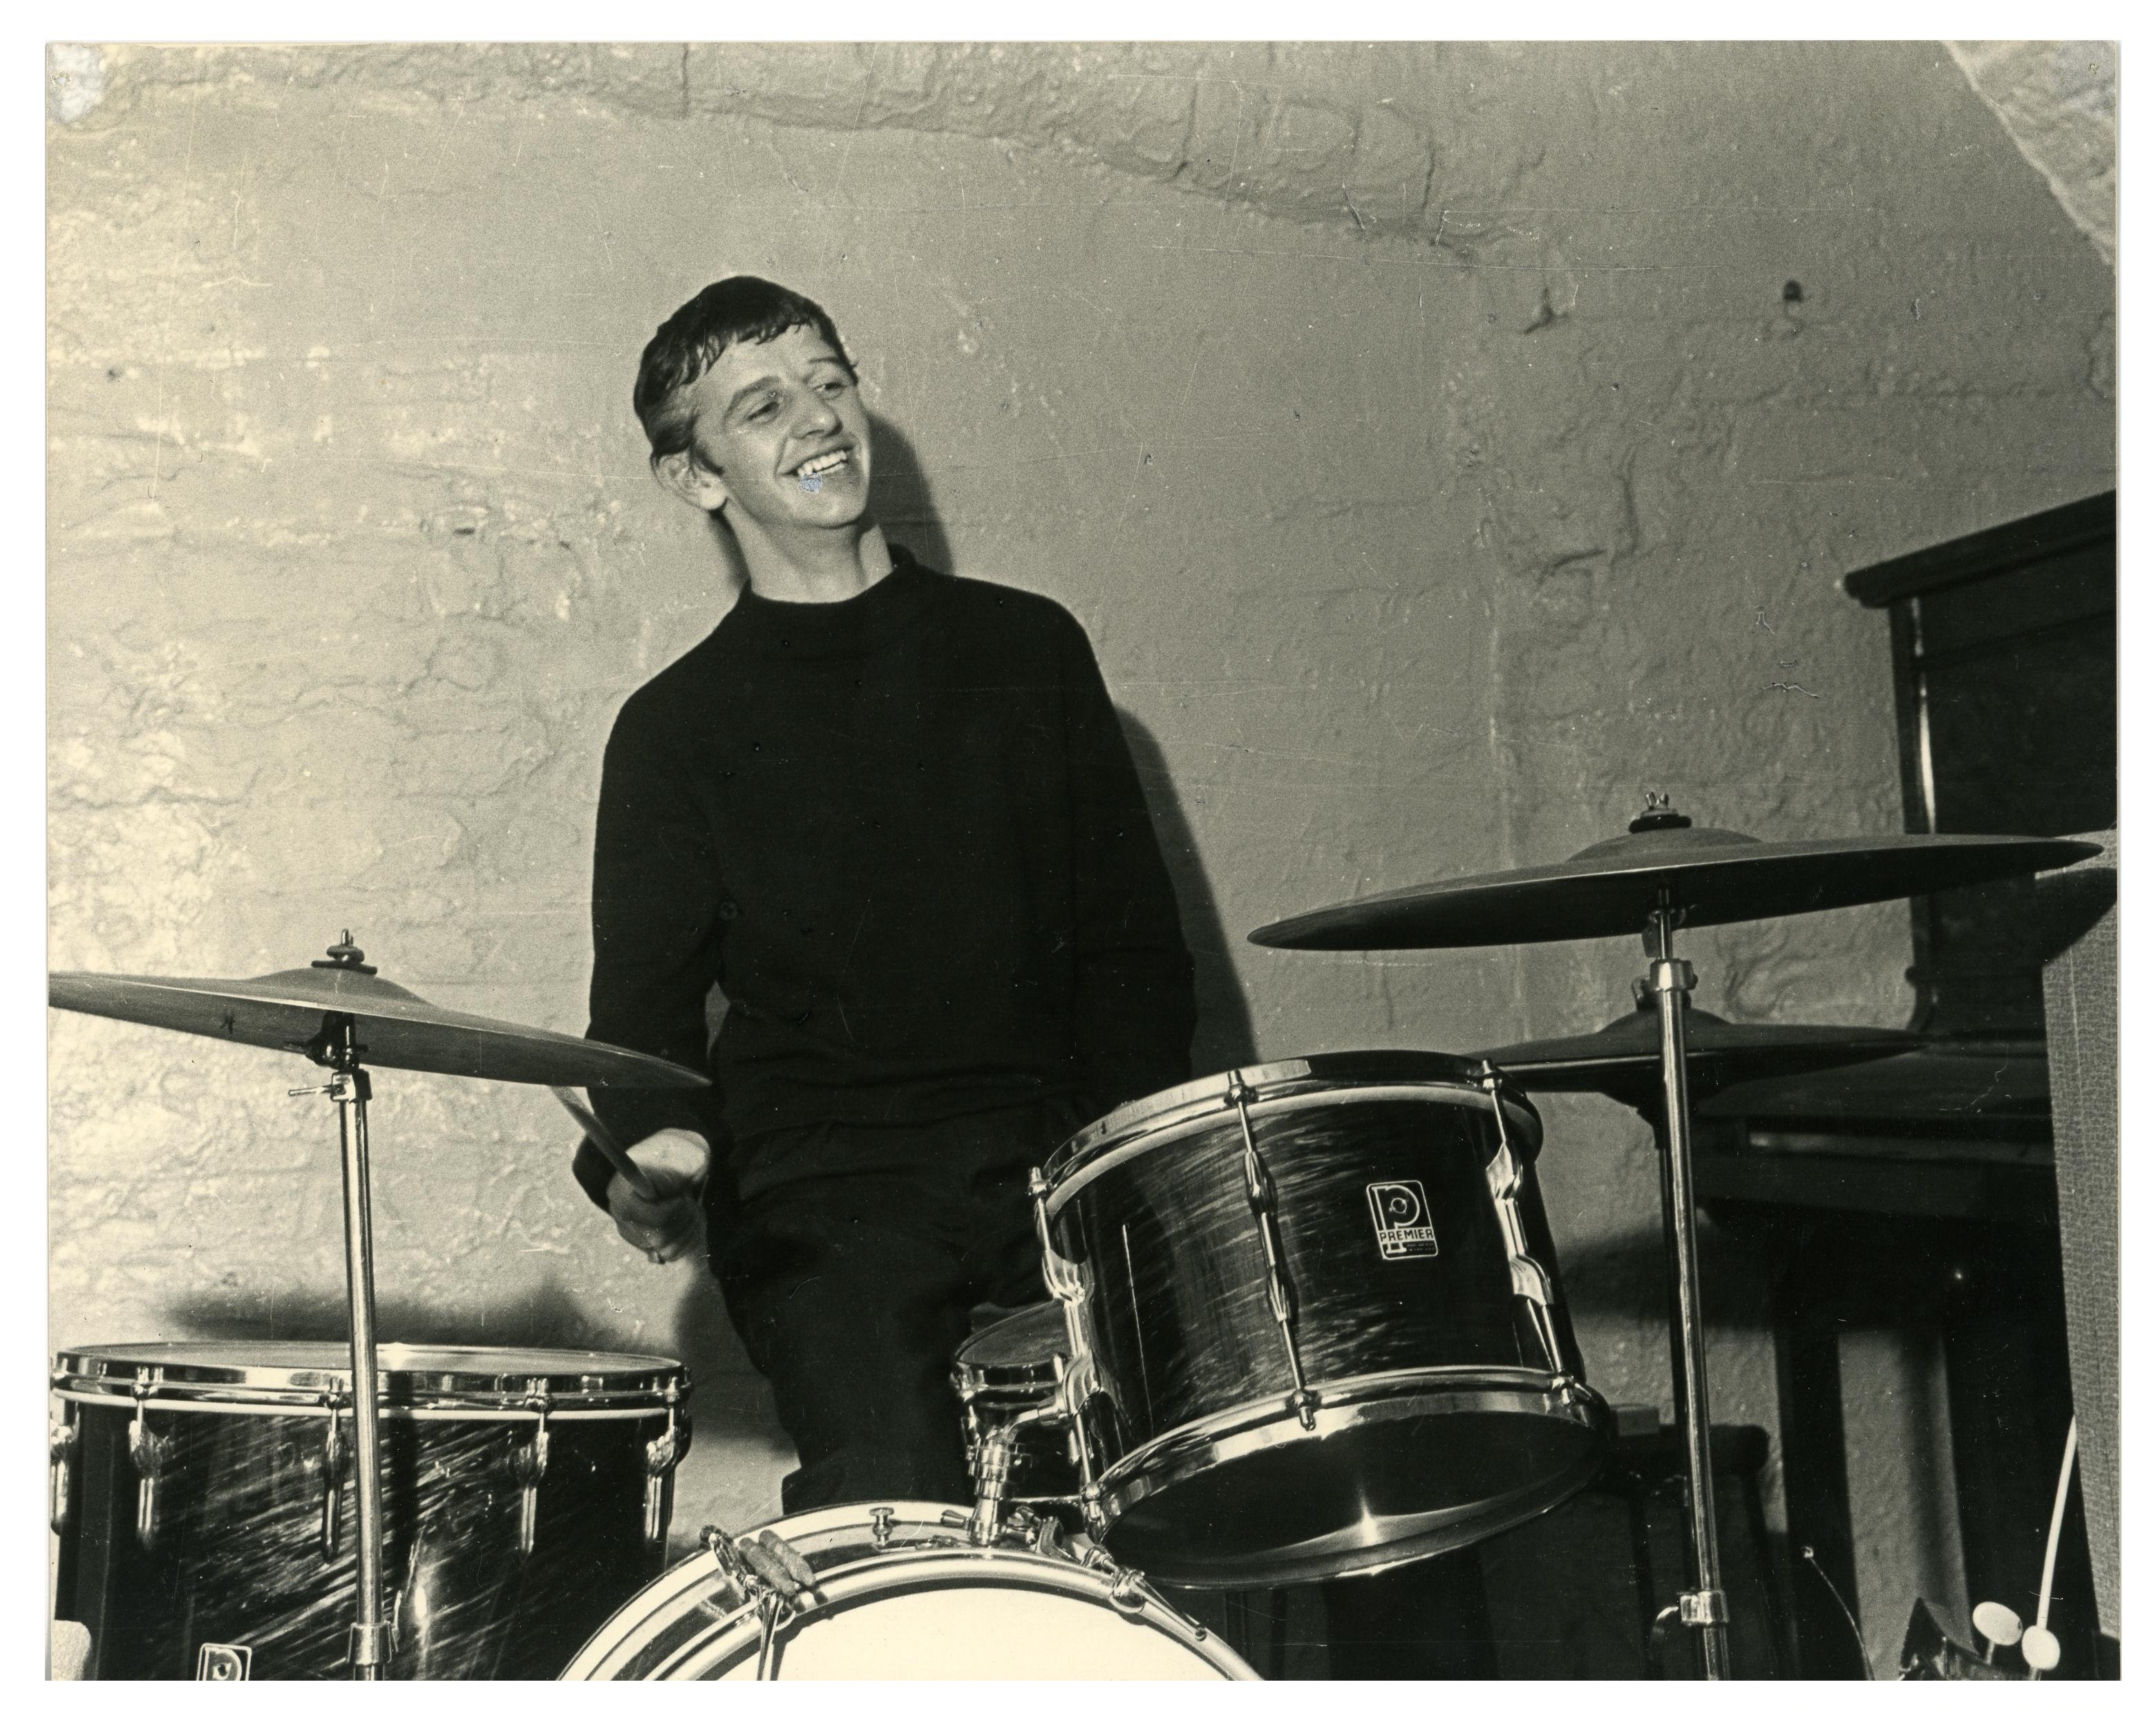 「ringo starr 1959」の画像検索結果